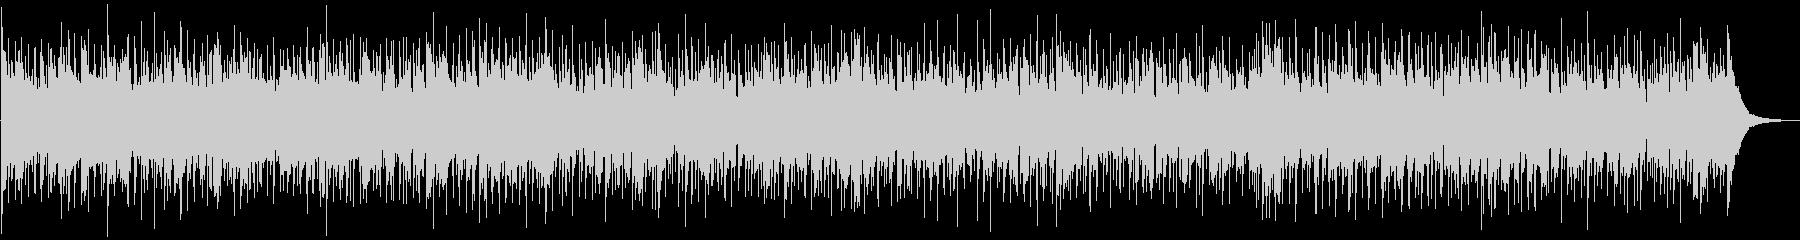 アコギで軽快なリズムのBGMの未再生の波形